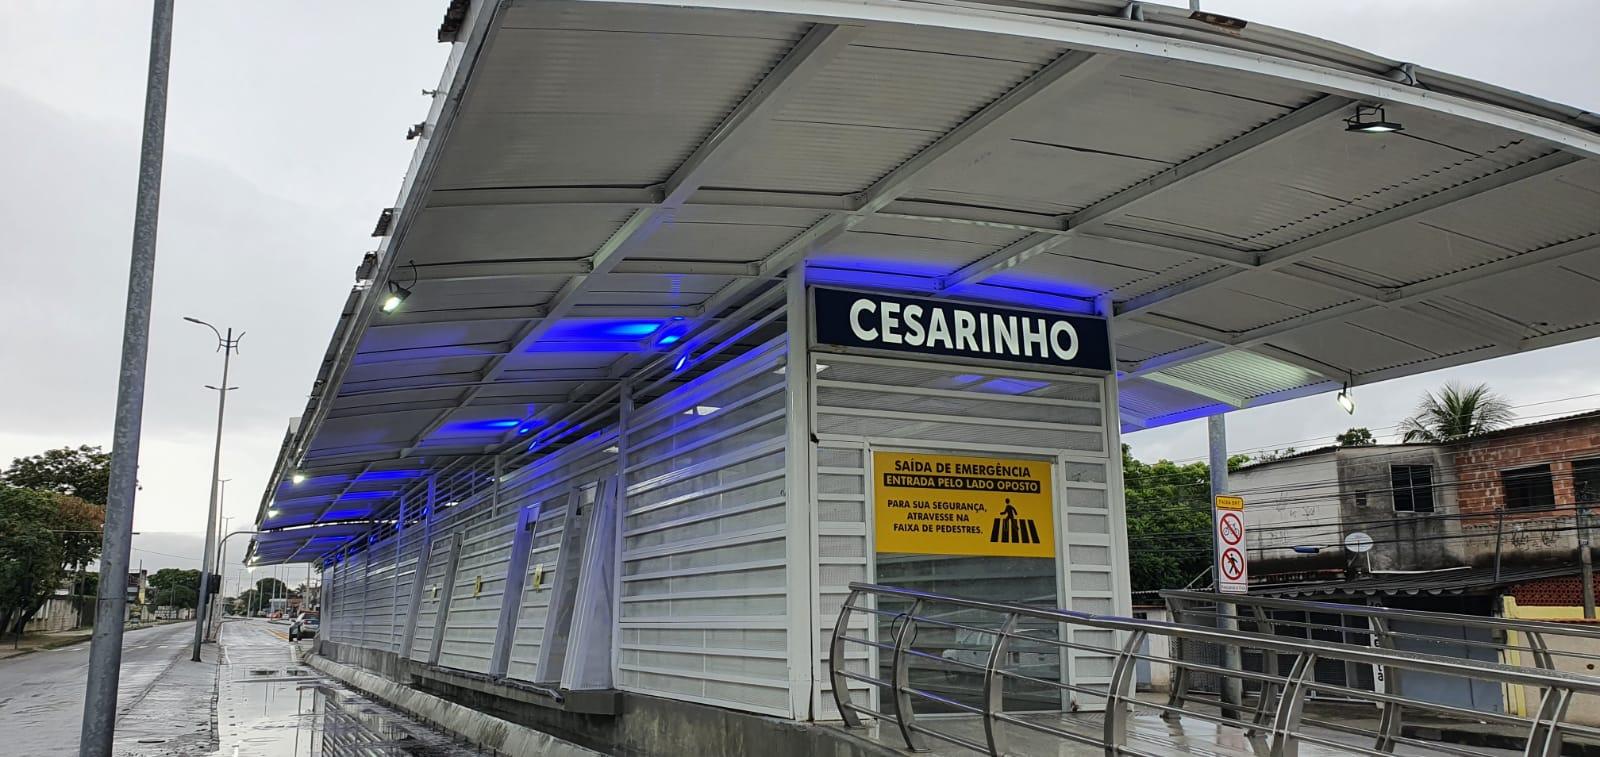 Estação de BRT Cesarinho